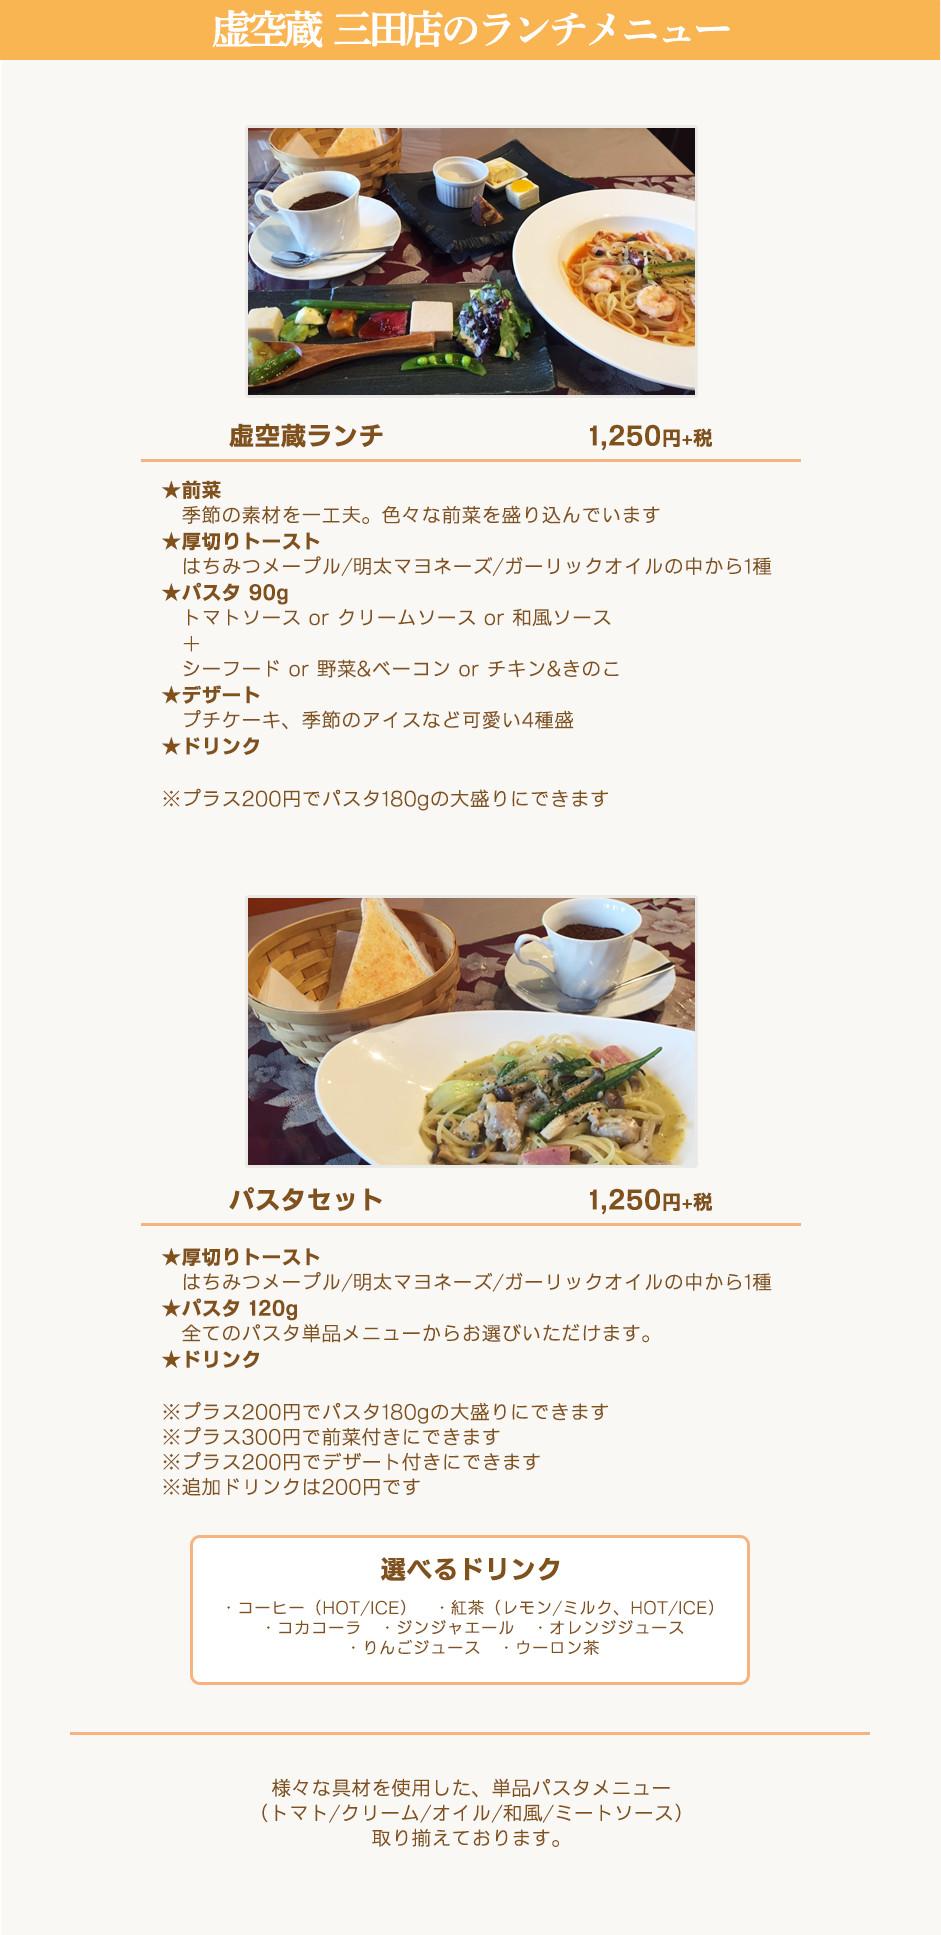 kokuzosanda_lunch_main